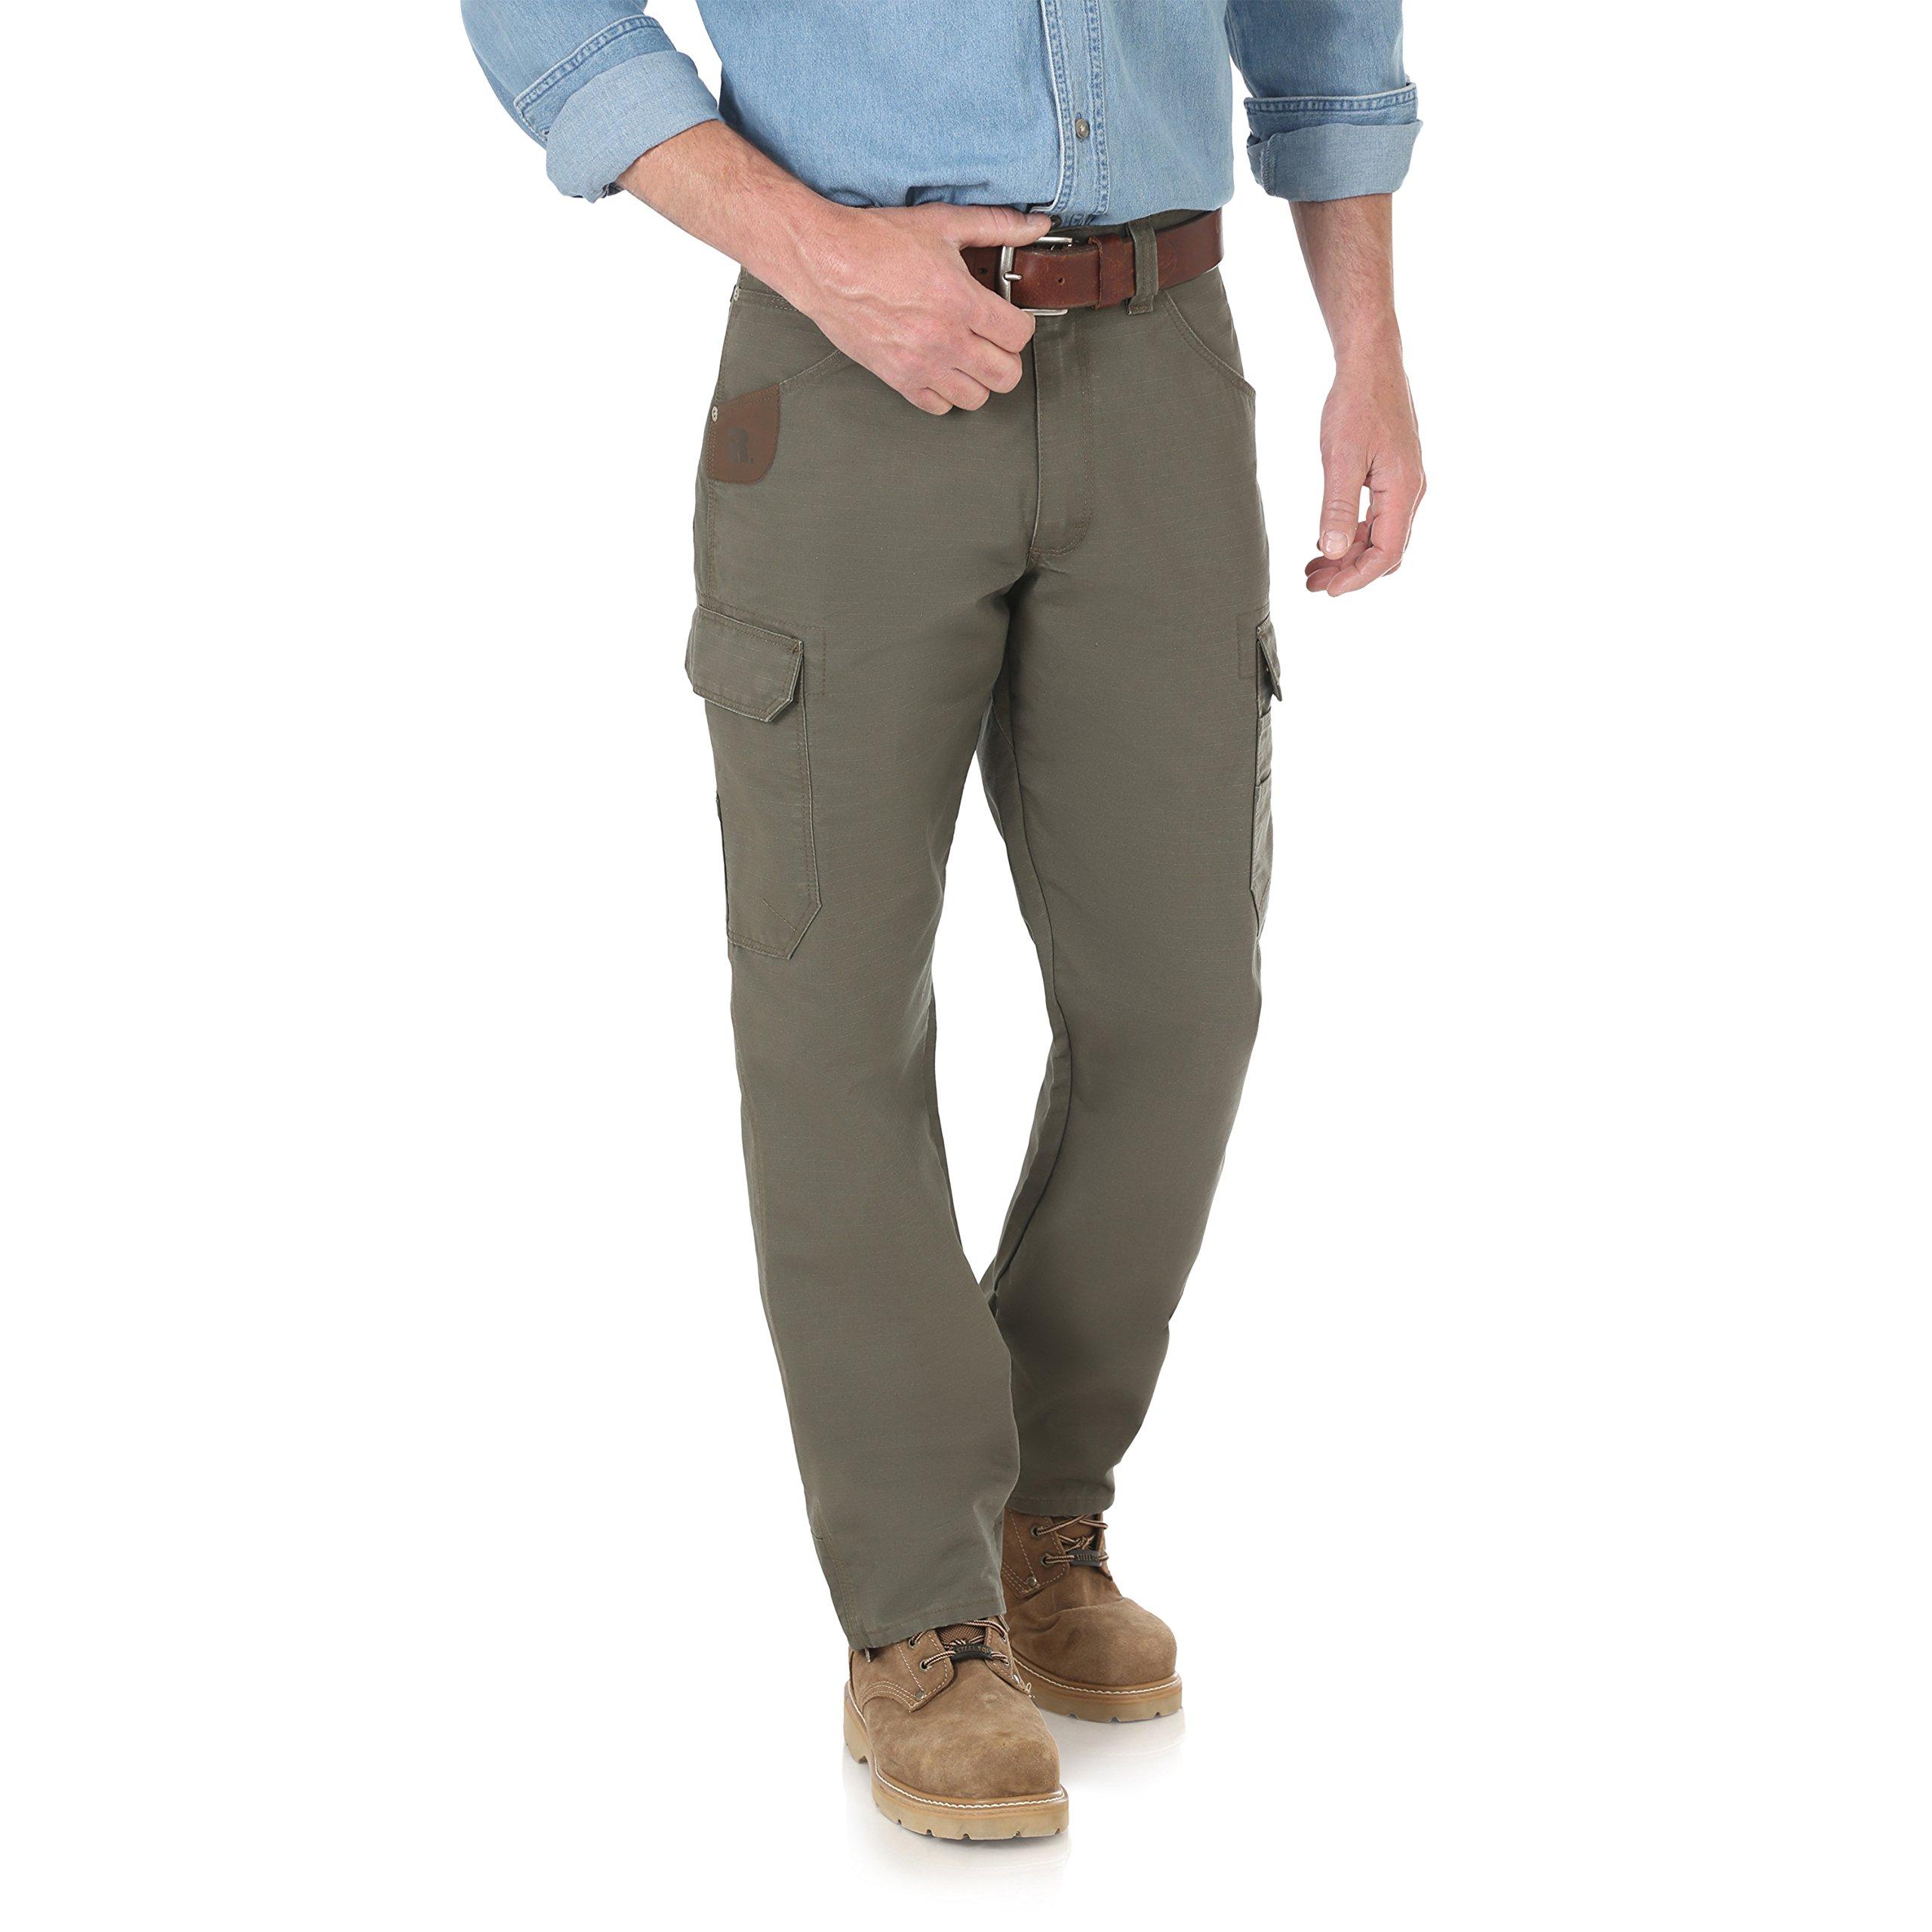 Wrangler Riggs Workwear Men's Cool Vantage Ripstop Cargo